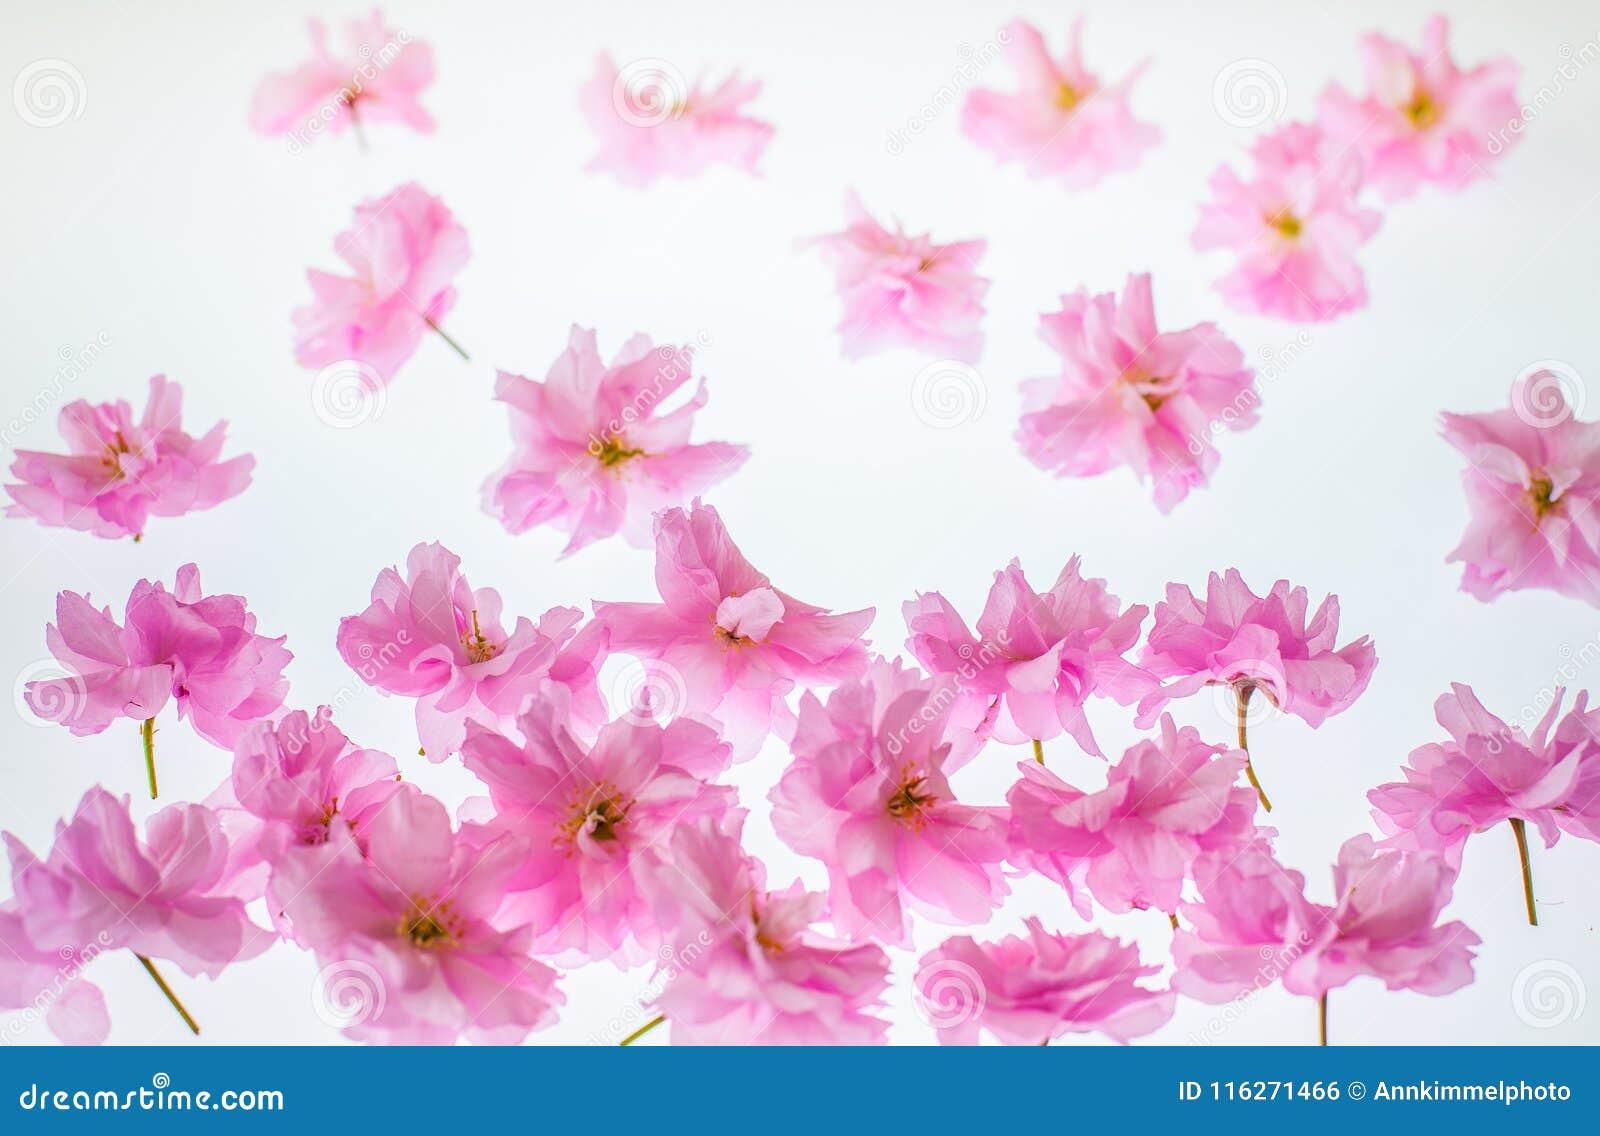 Fondo de la primavera que cultiva un huerto: flor rosado vivo de la manzana